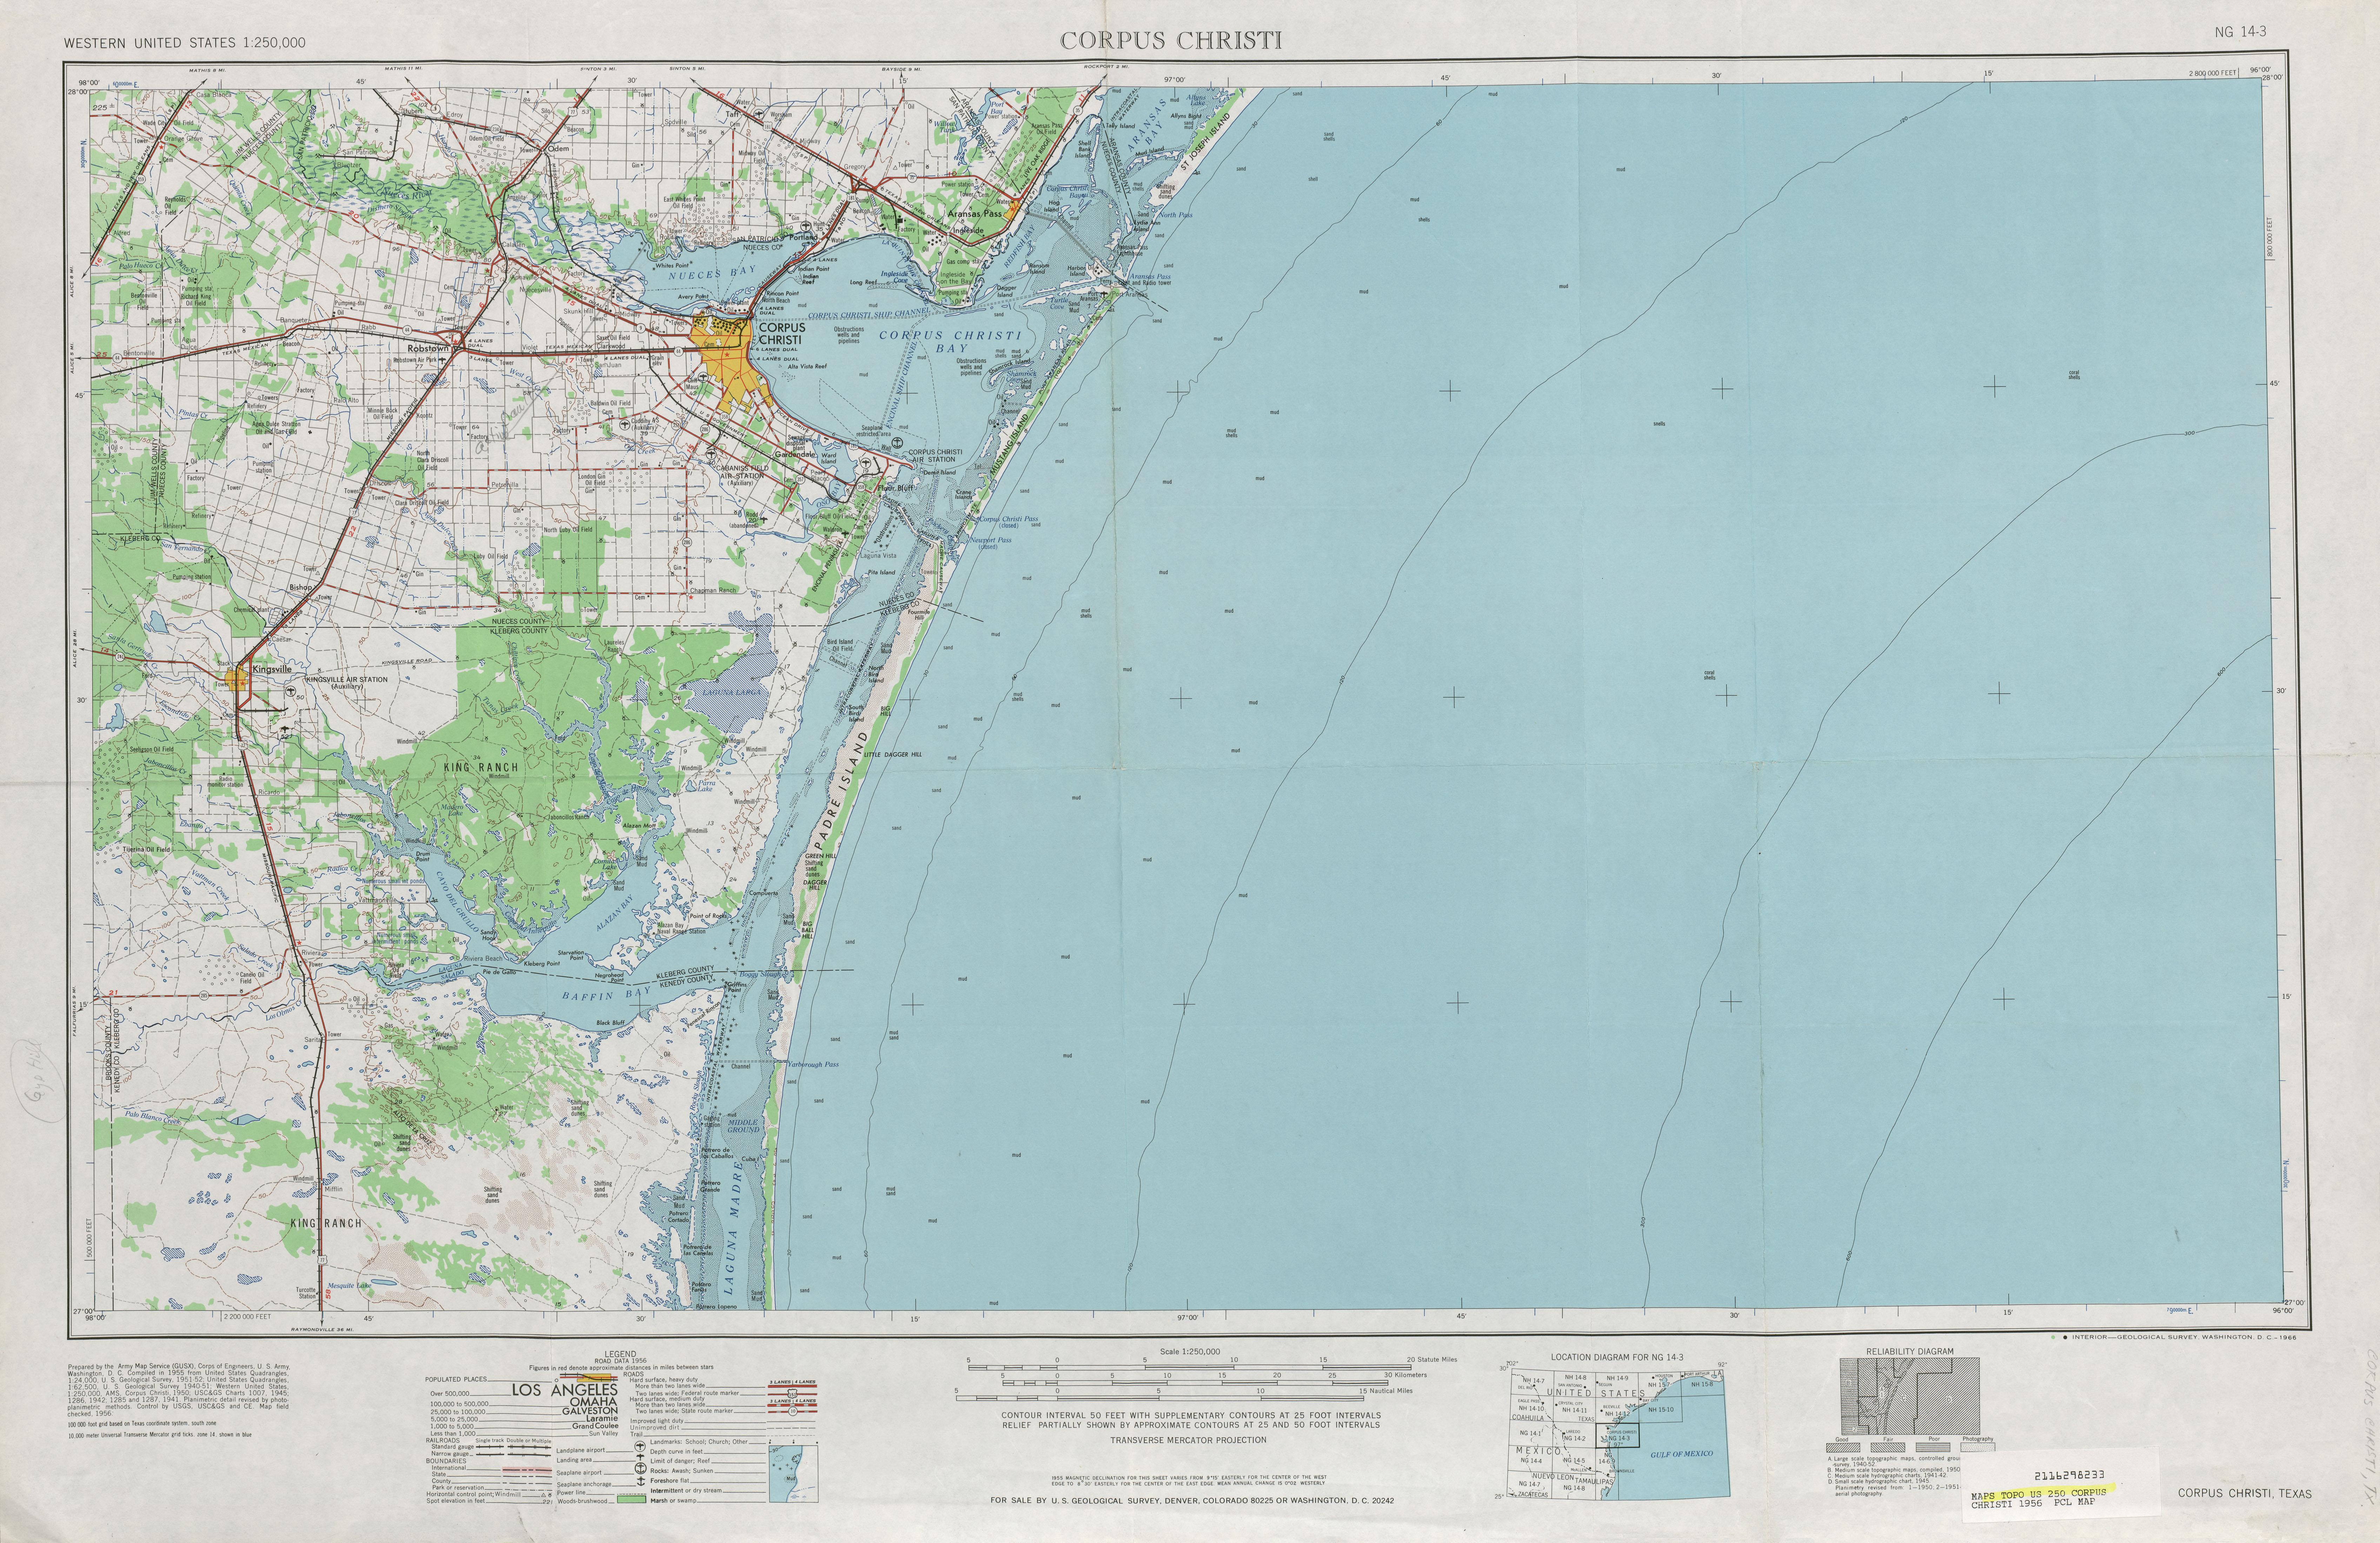 Hoja Corpus Christi del Mapa Topográfico de los Estados Unidos 1956